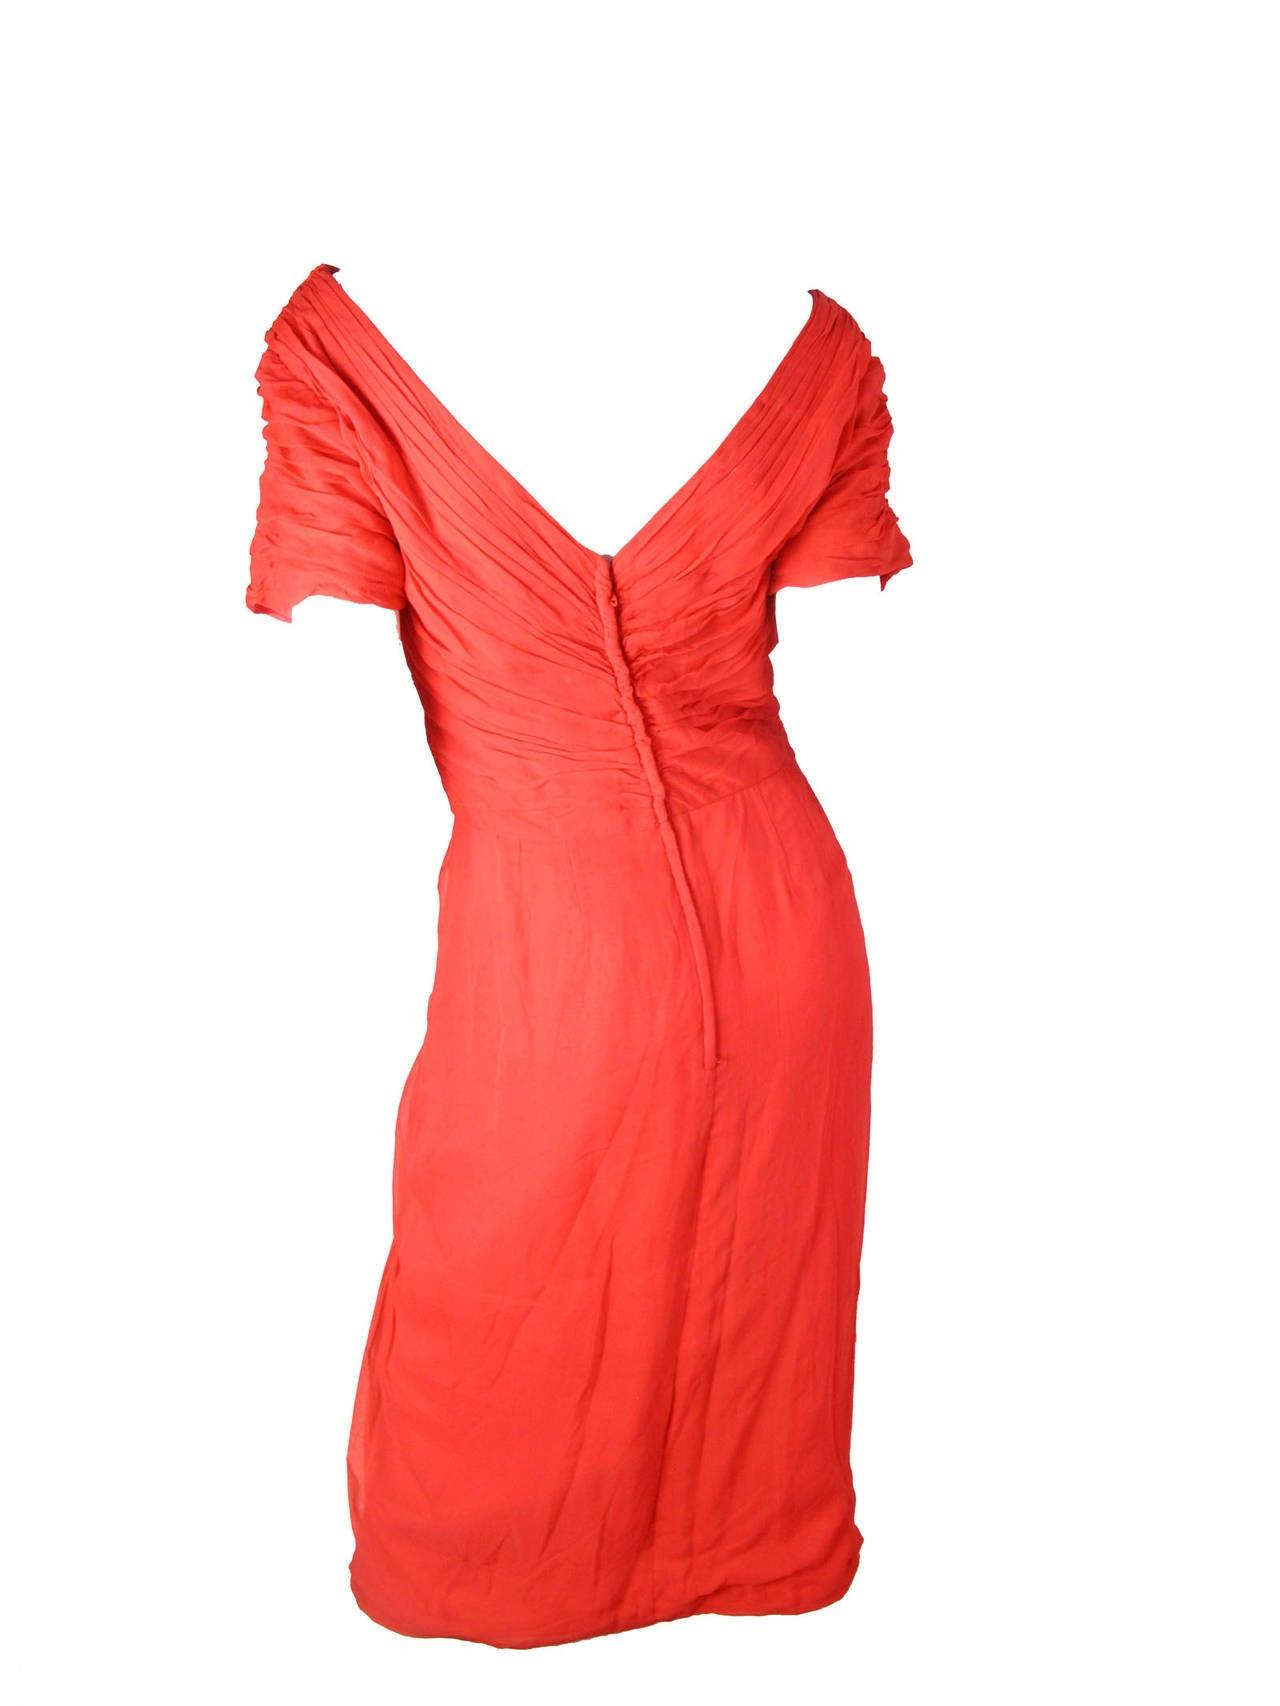 1950s Ceil Chapman Red Silk Chiffon Cocktail Dress - sale 2